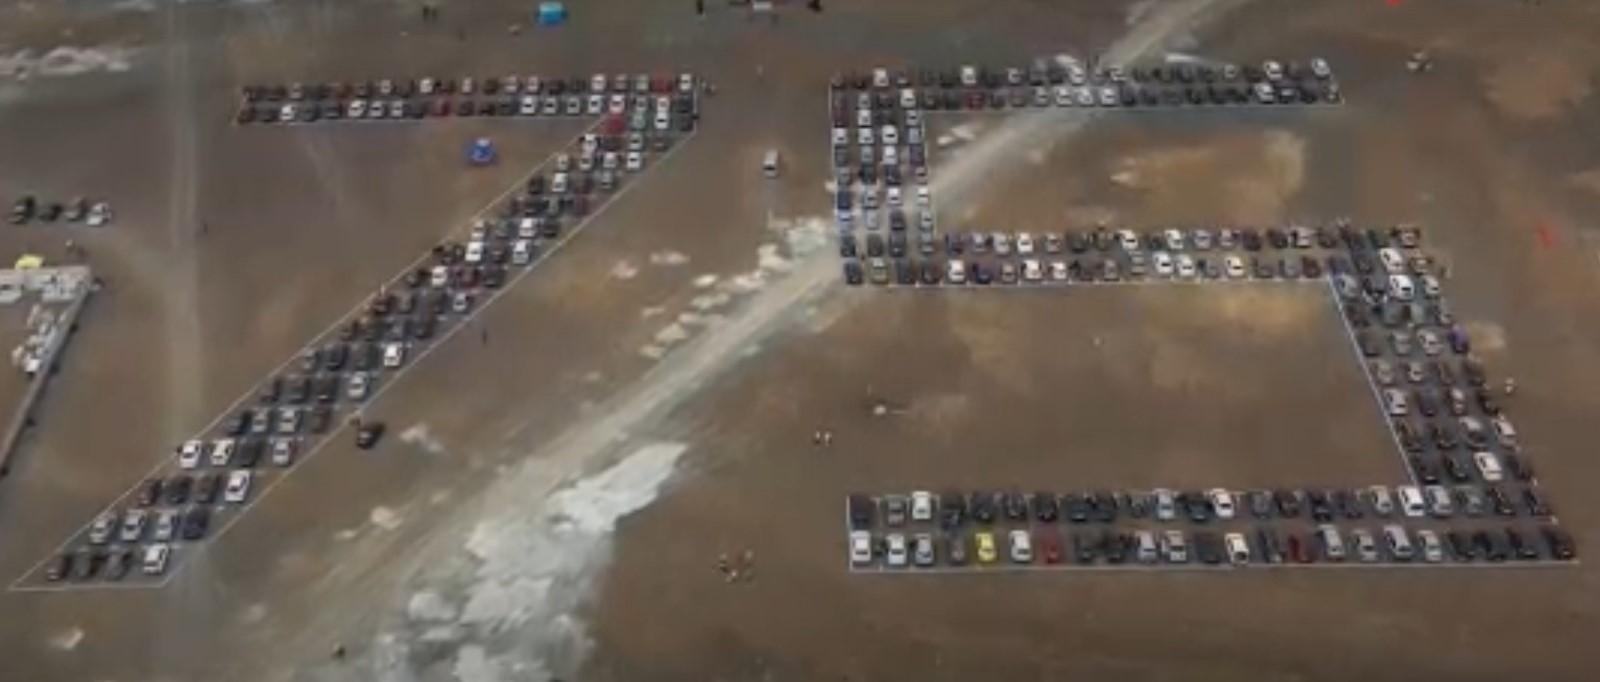 фото В Кемерово установили рекорд России, выстроив 300 автомобилей в число 75 к параду Победы 2